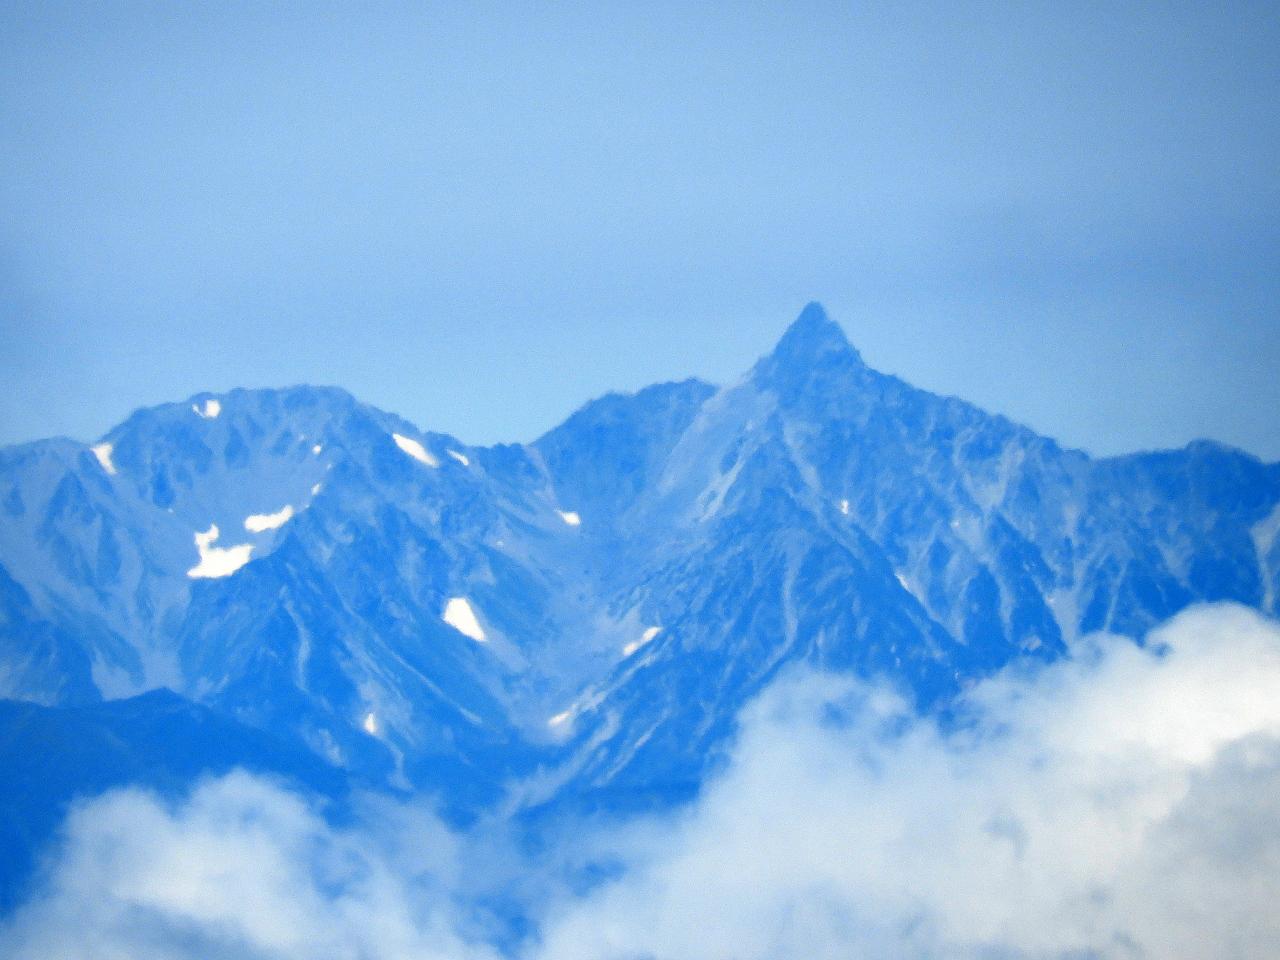 箕冠山からの北アルプス槍ヶ岳